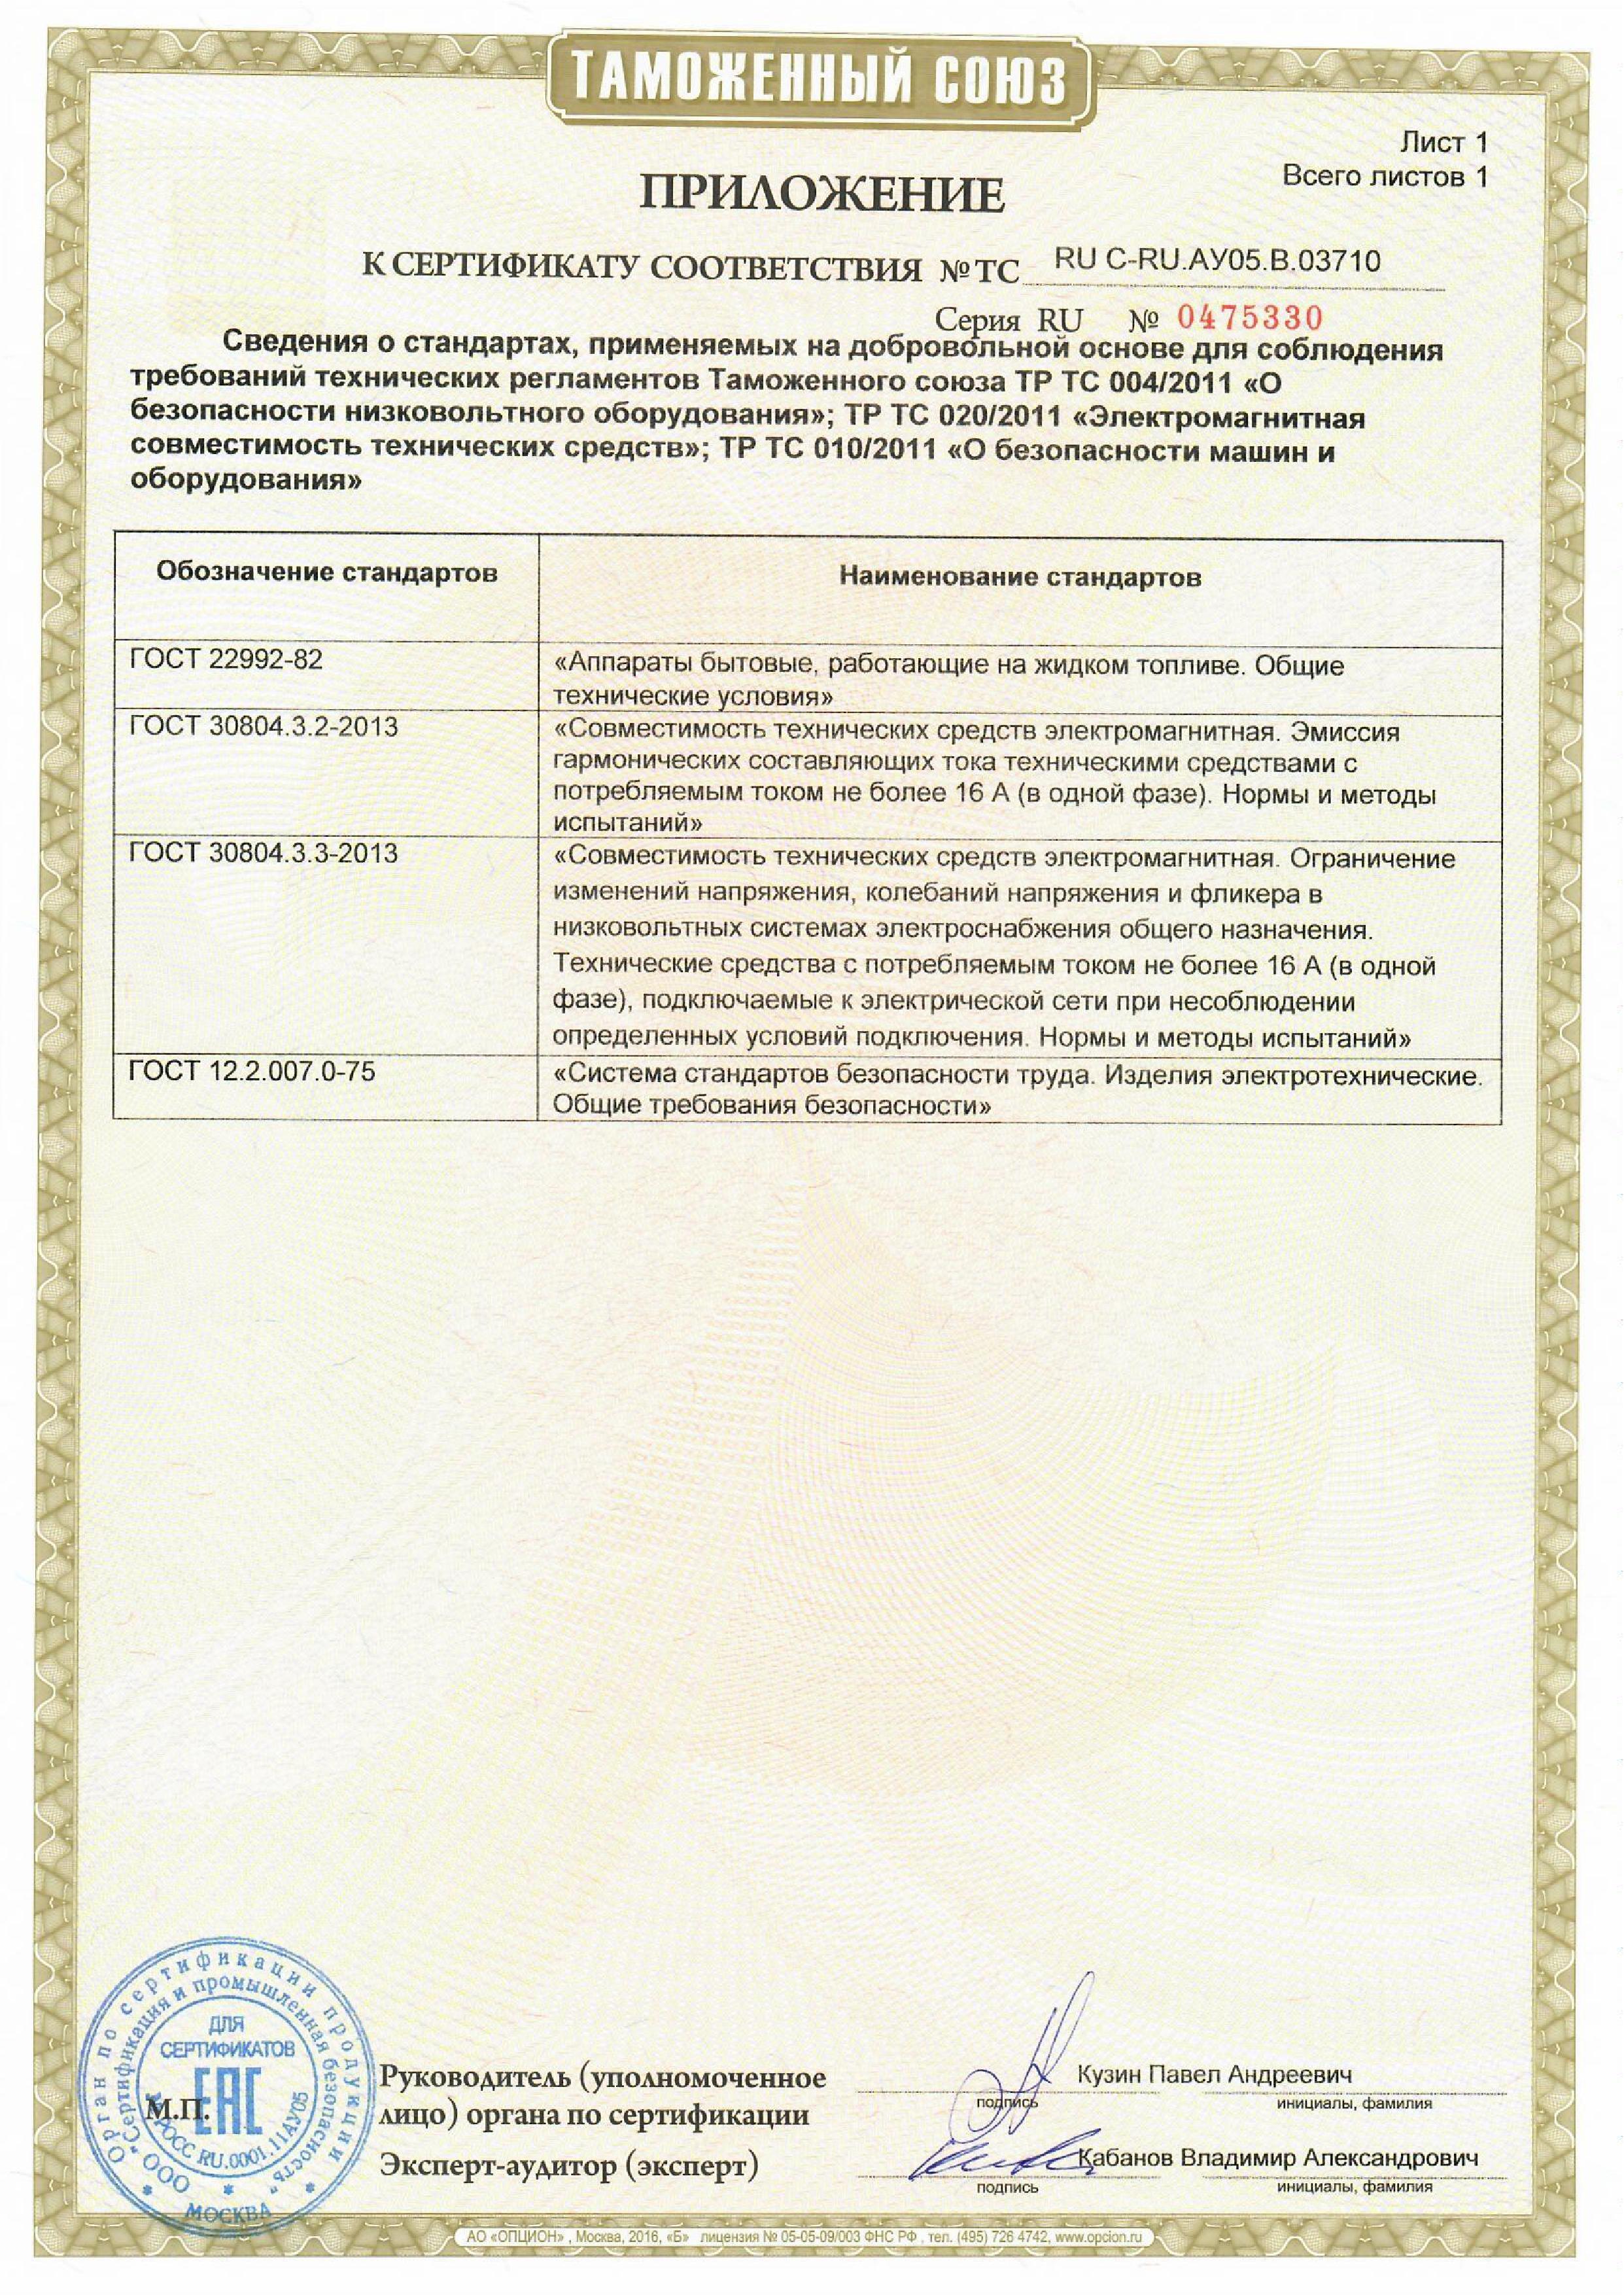 ОВУ-250, ОВУ-550, ОВУ-800 приложение